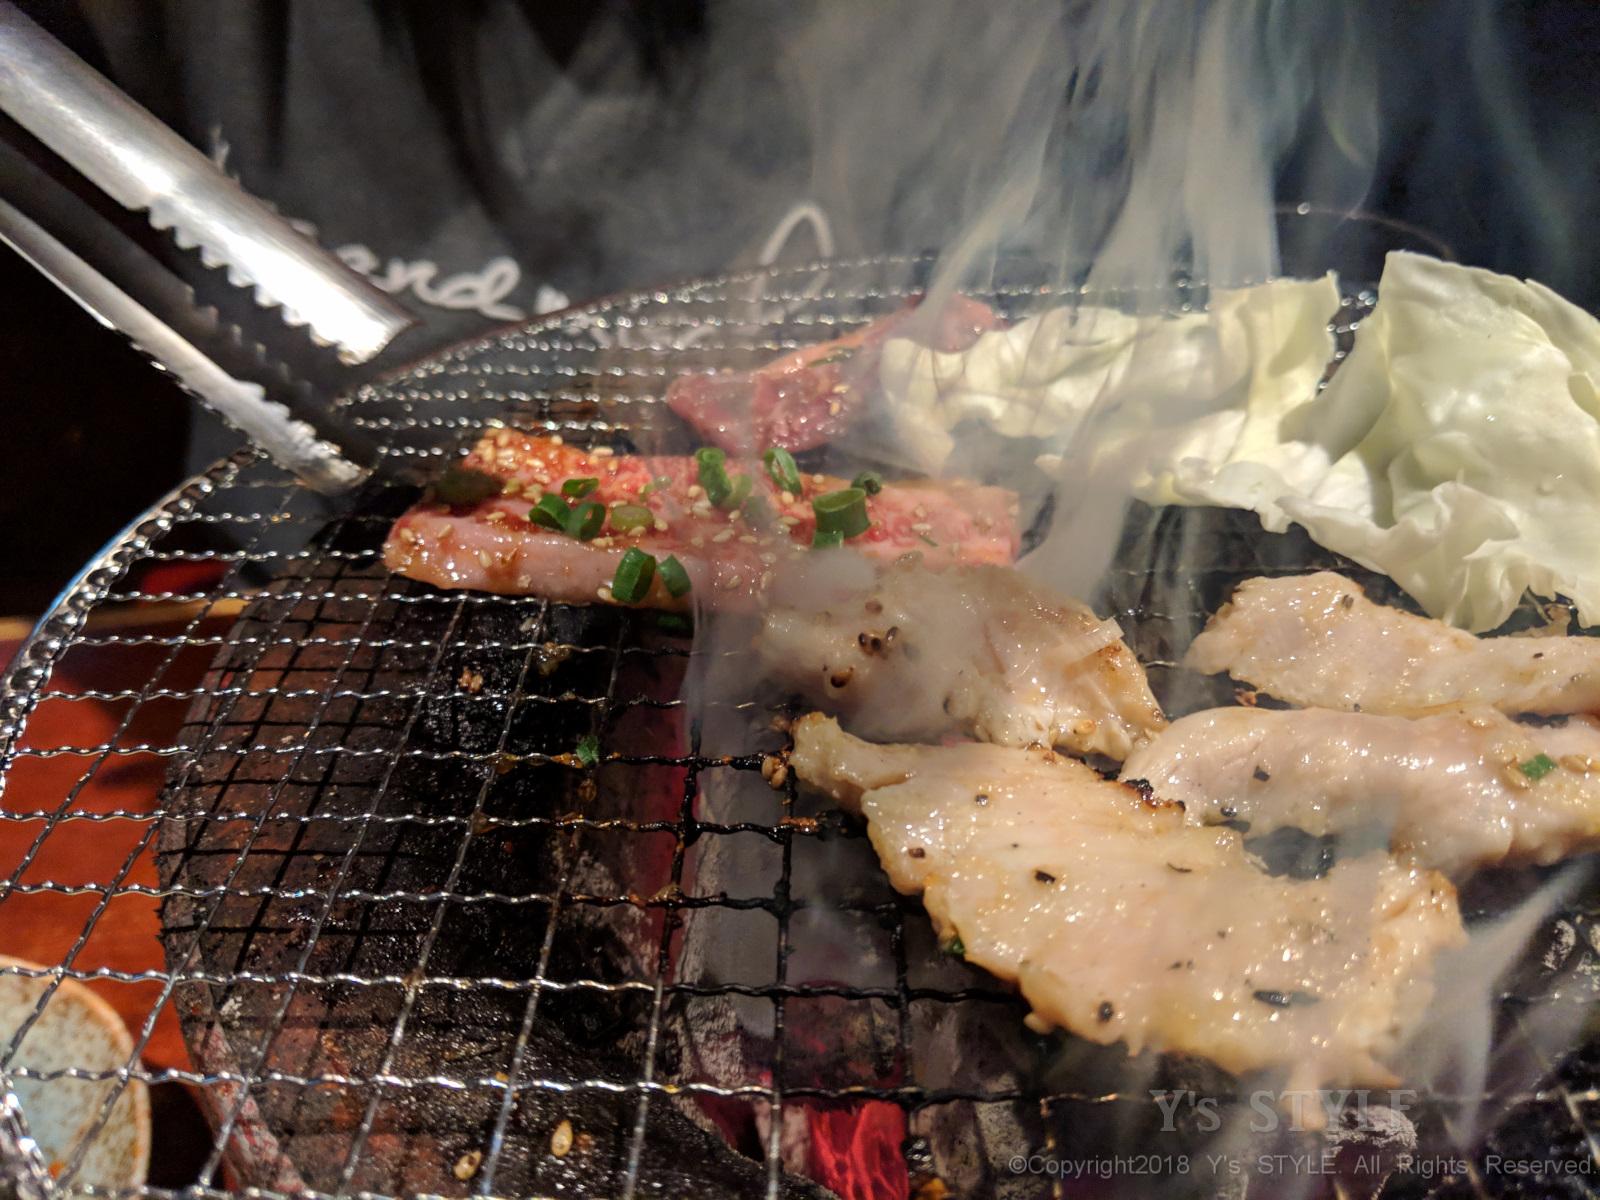 焼き肉屋さんのお年玉キャンペーン